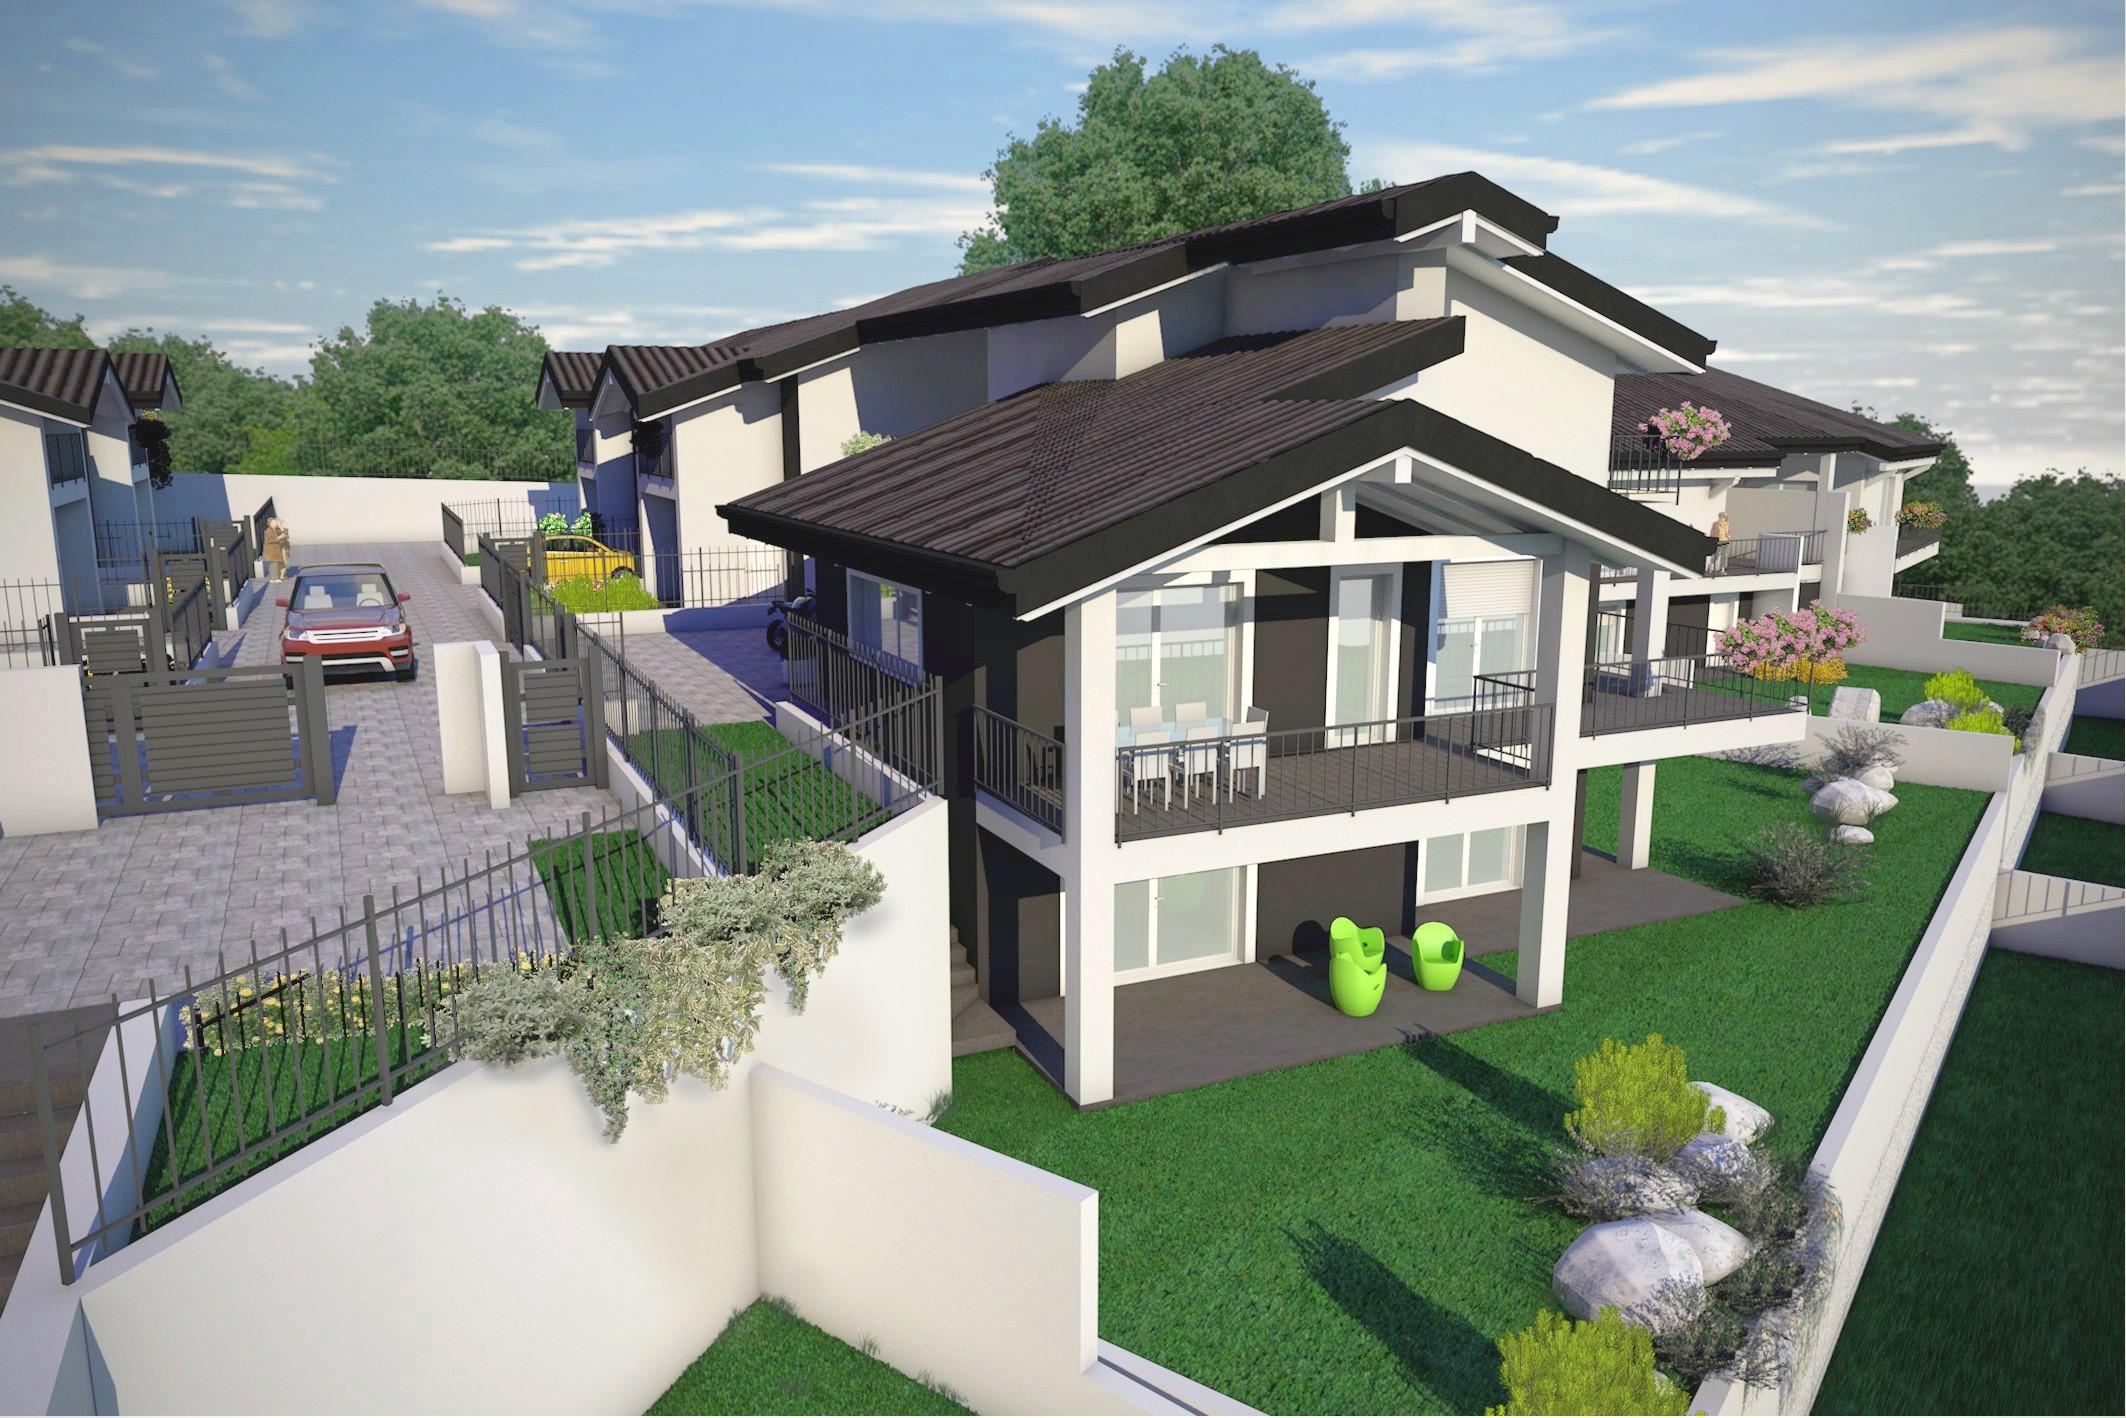 Villa singola nuova costruzione in vendita tradate for Progetto villa moderna nuova costruzione